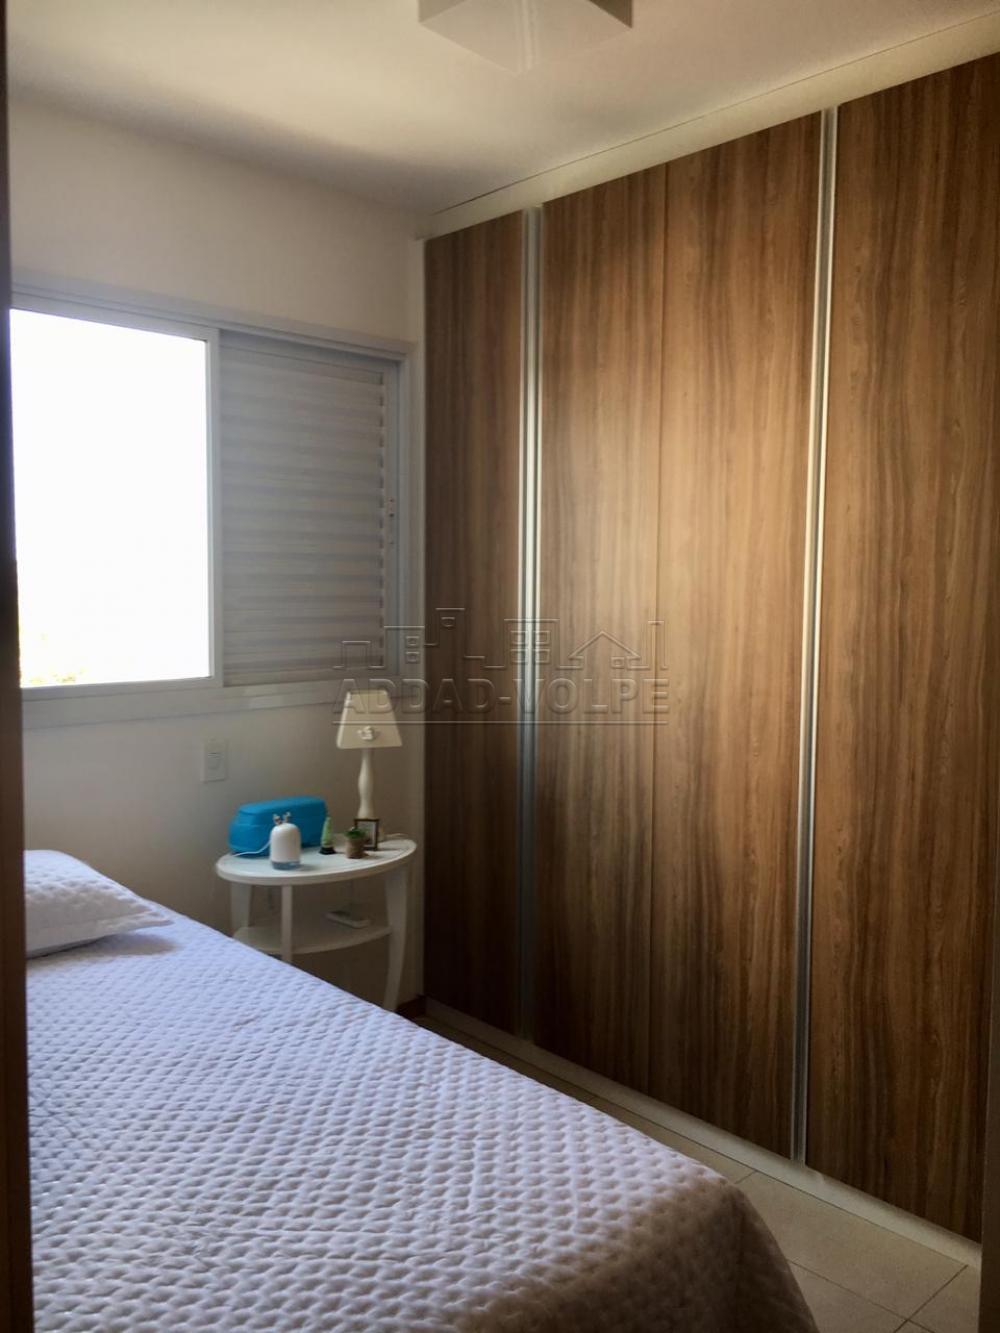 Alugar Apartamento / Padrão em Bauru apenas R$ 1.600,00 - Foto 9